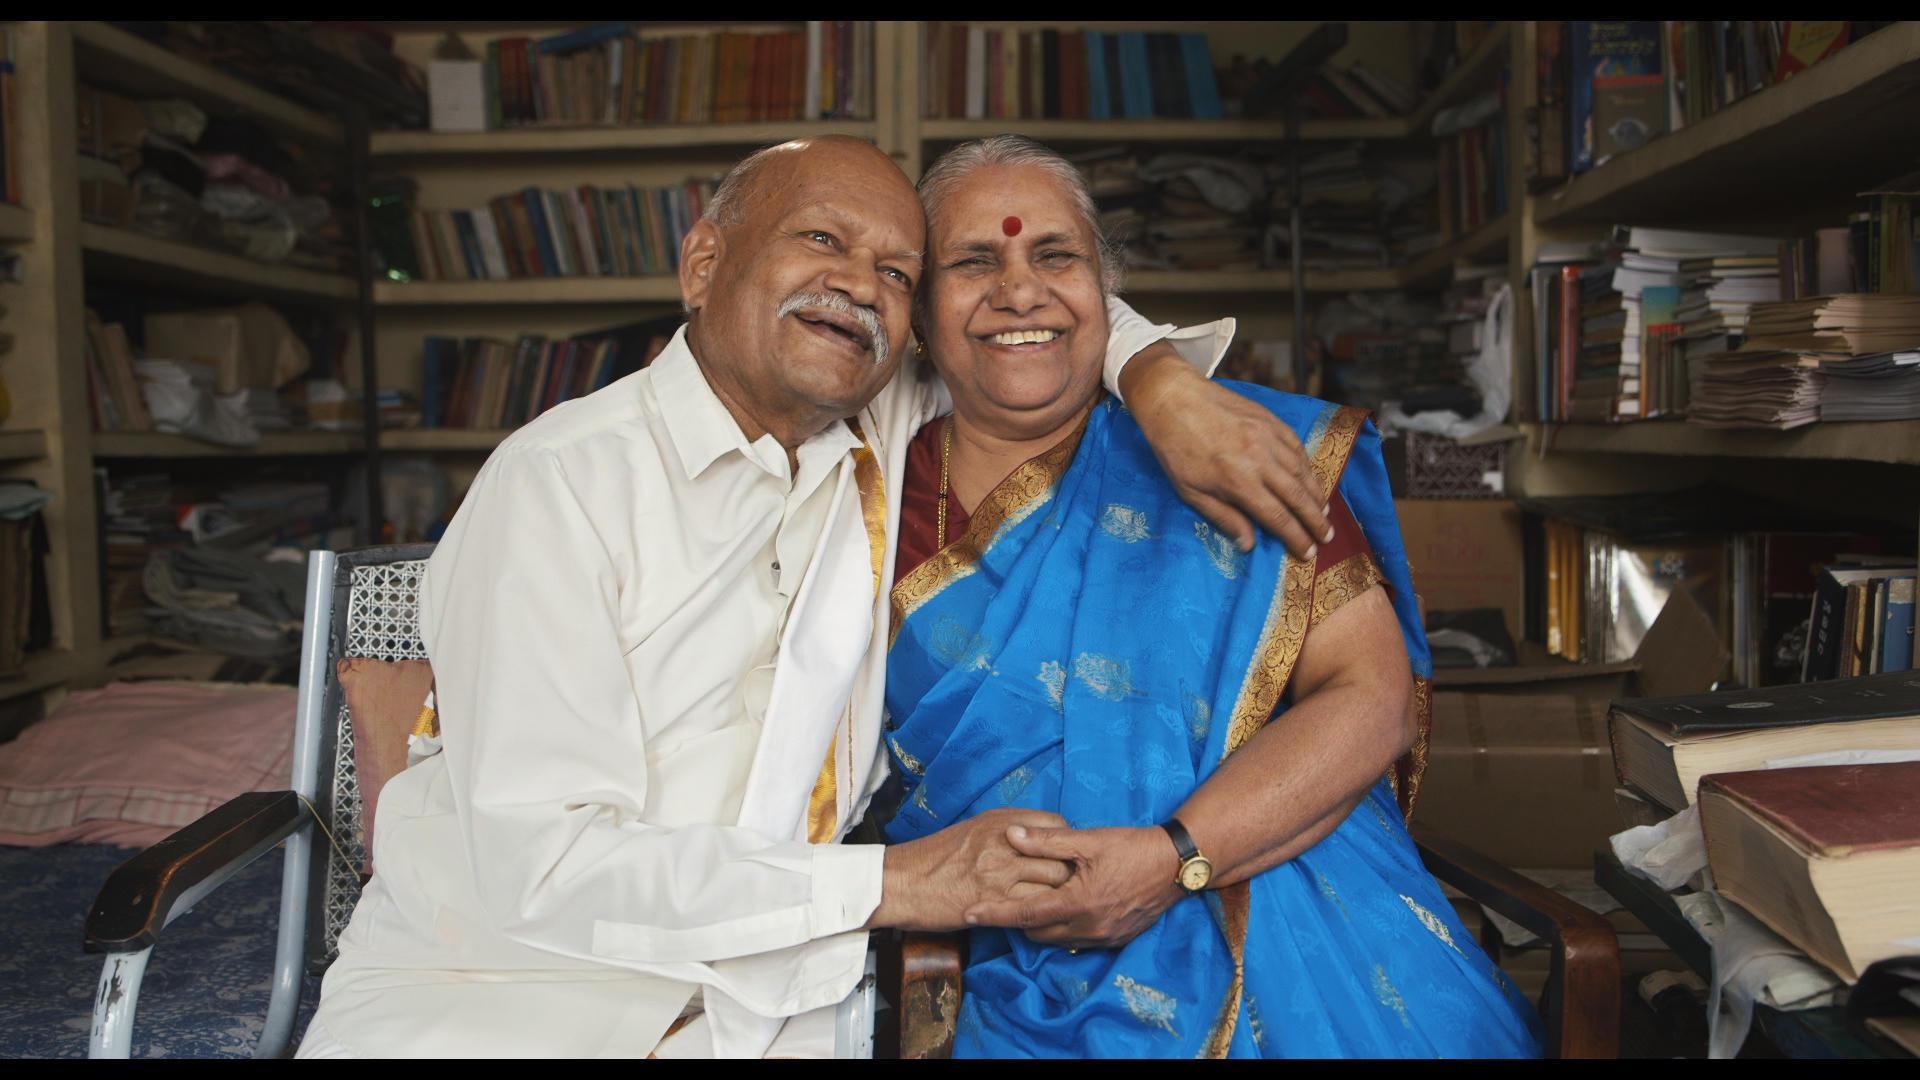 Kamala u. Nagarajayya Hampana (Indien, verheiratet seit 1961)